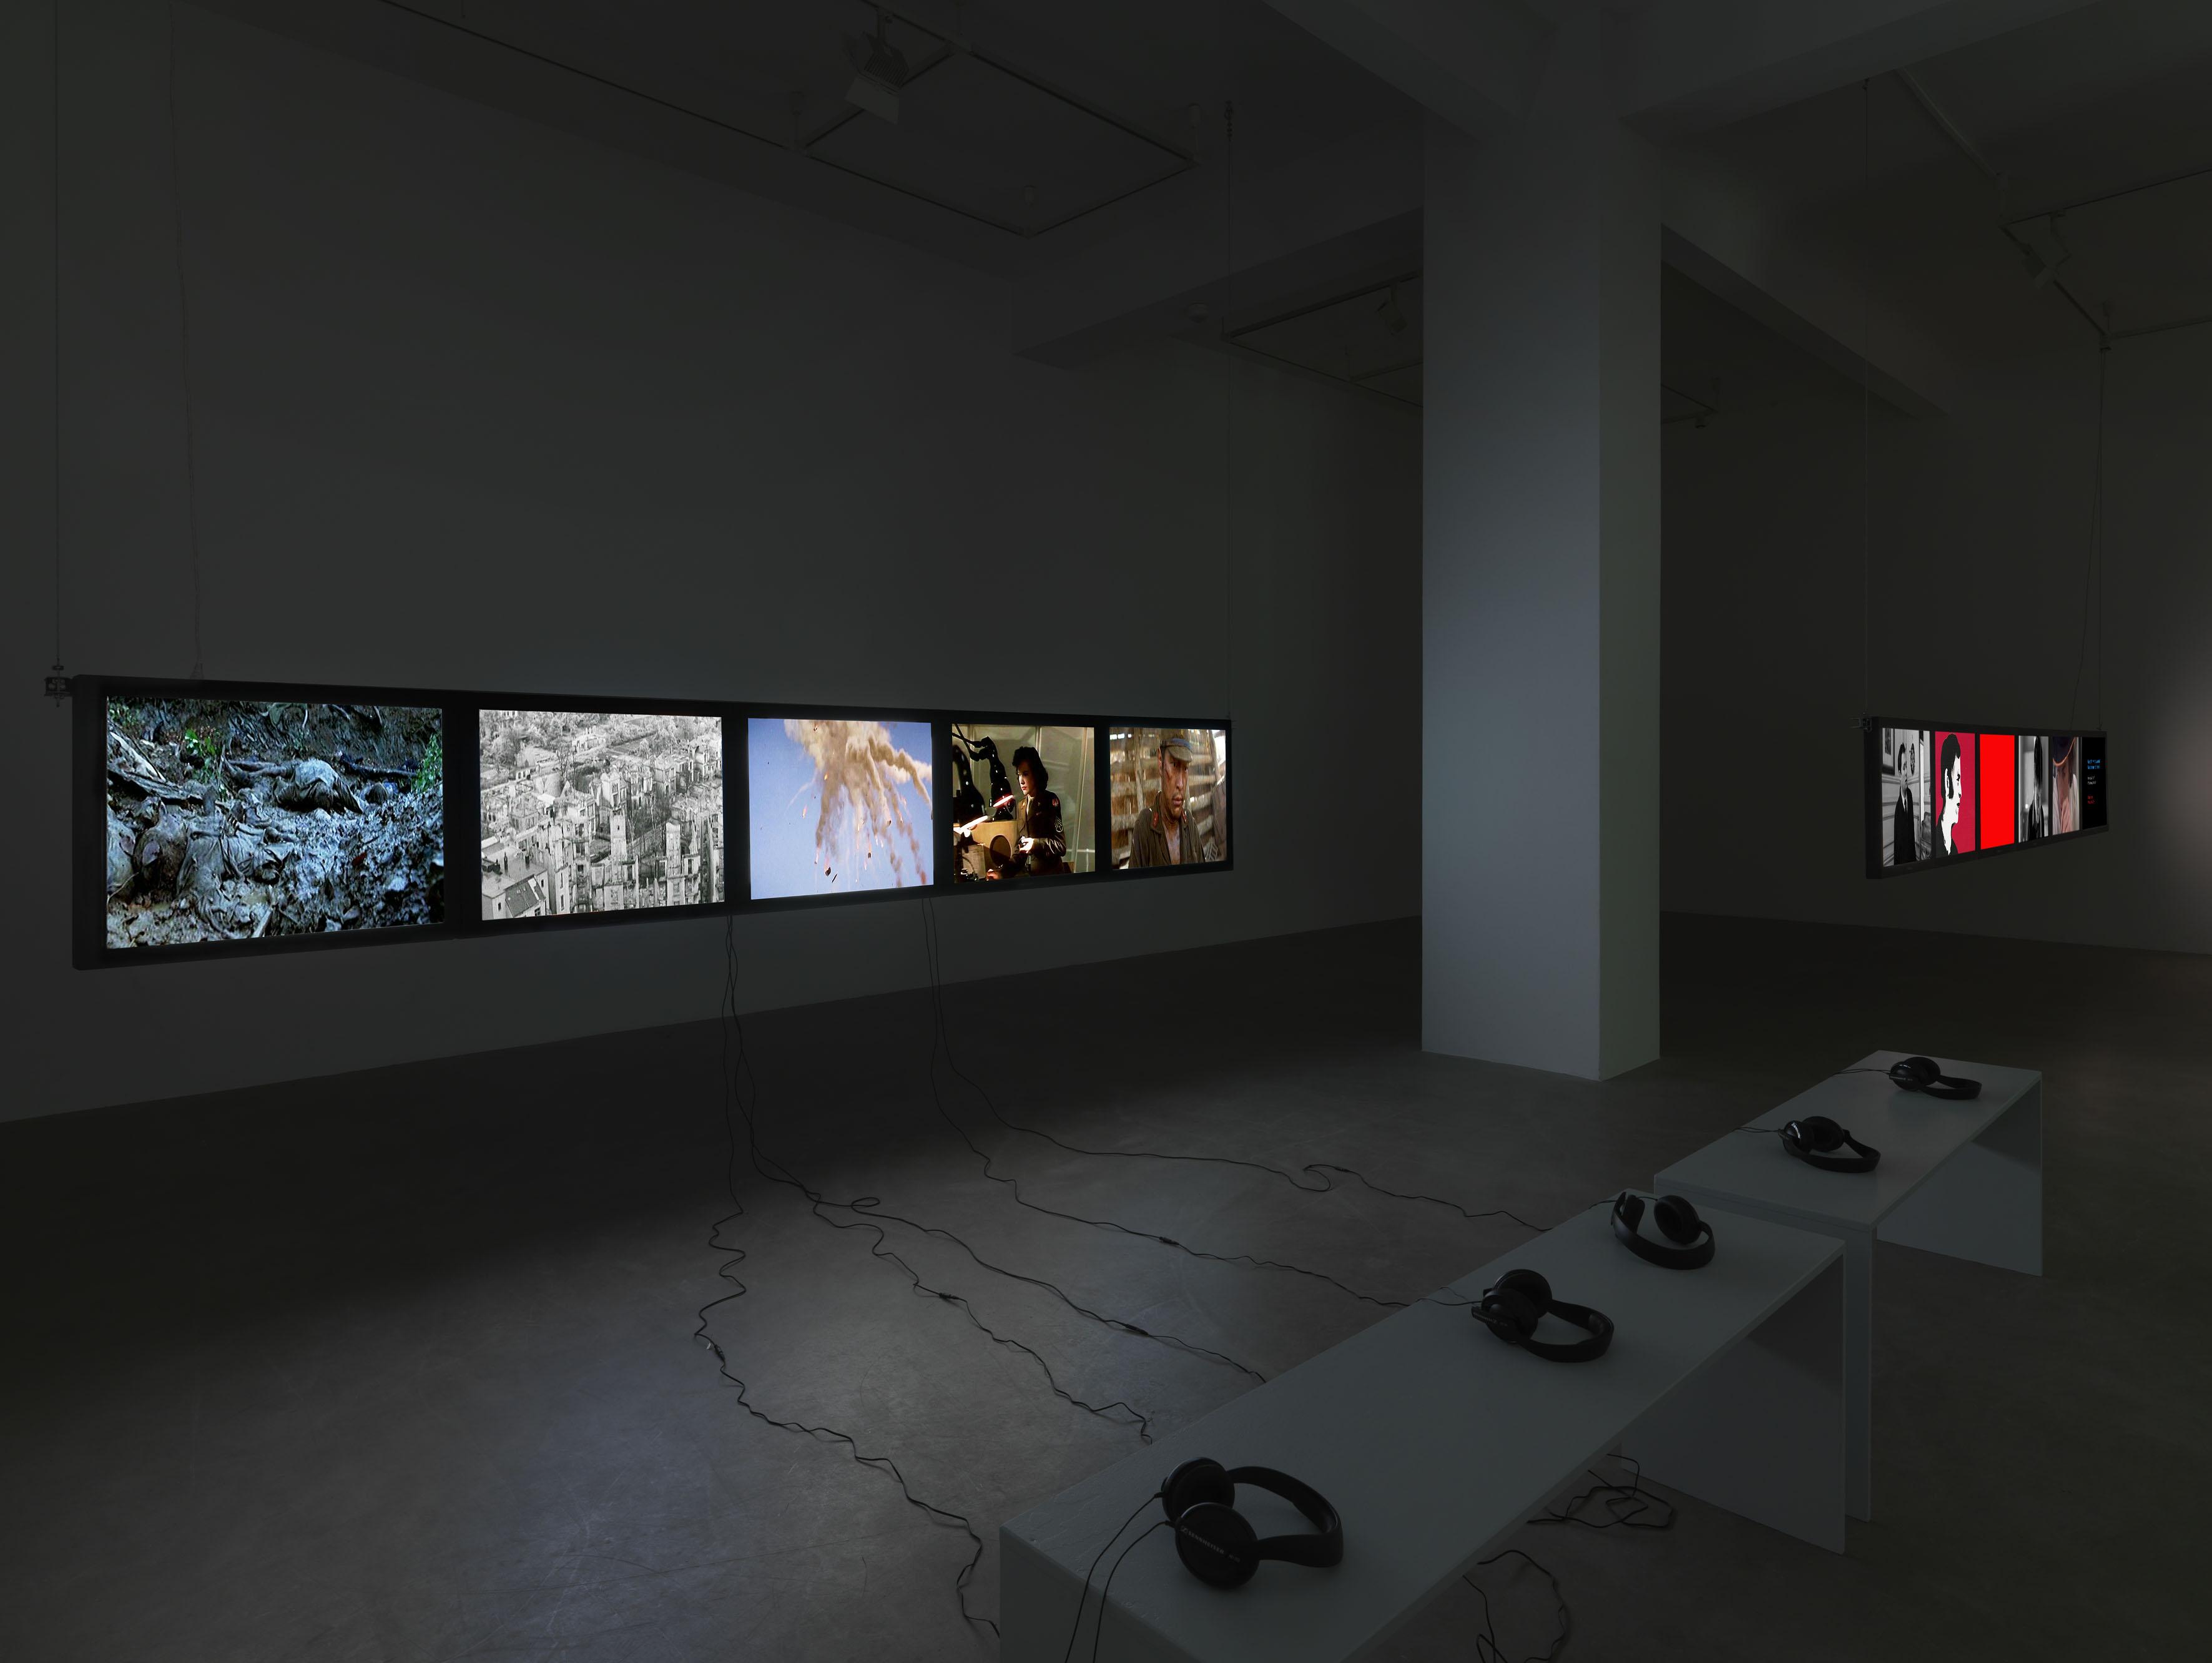 Harun Farocki: Mit anderen Mitteln – By Other Means, Ausstellungsansicht Neuer Berliner Kunstverein, 2017 © Neuer Berliner Kunstverein / Jens Ziehe